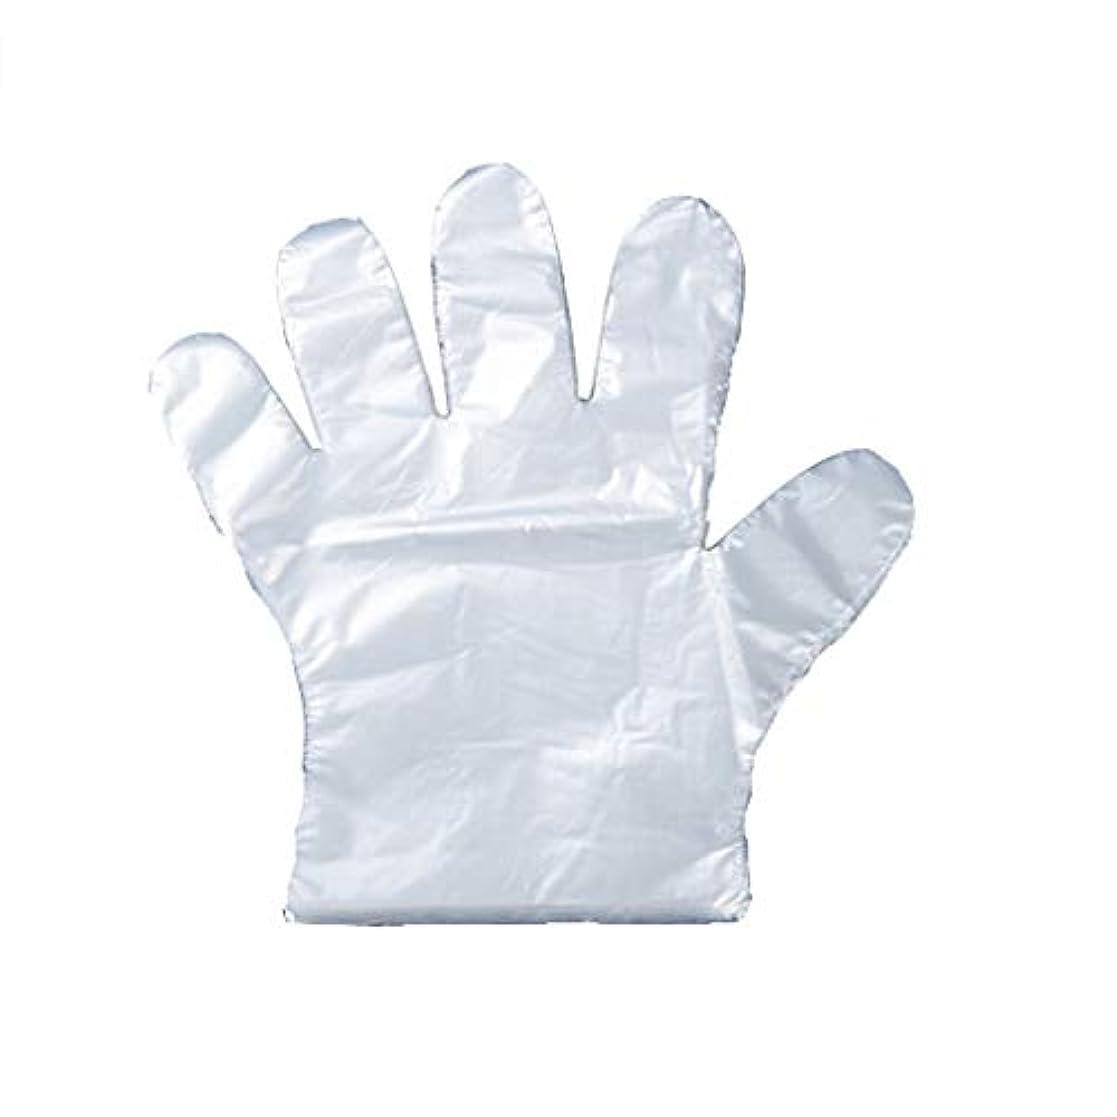 融合認める勇敢な手袋、使い捨て手袋、食堂、髪および肥厚手袋PVC手袋は、1000倍になった。